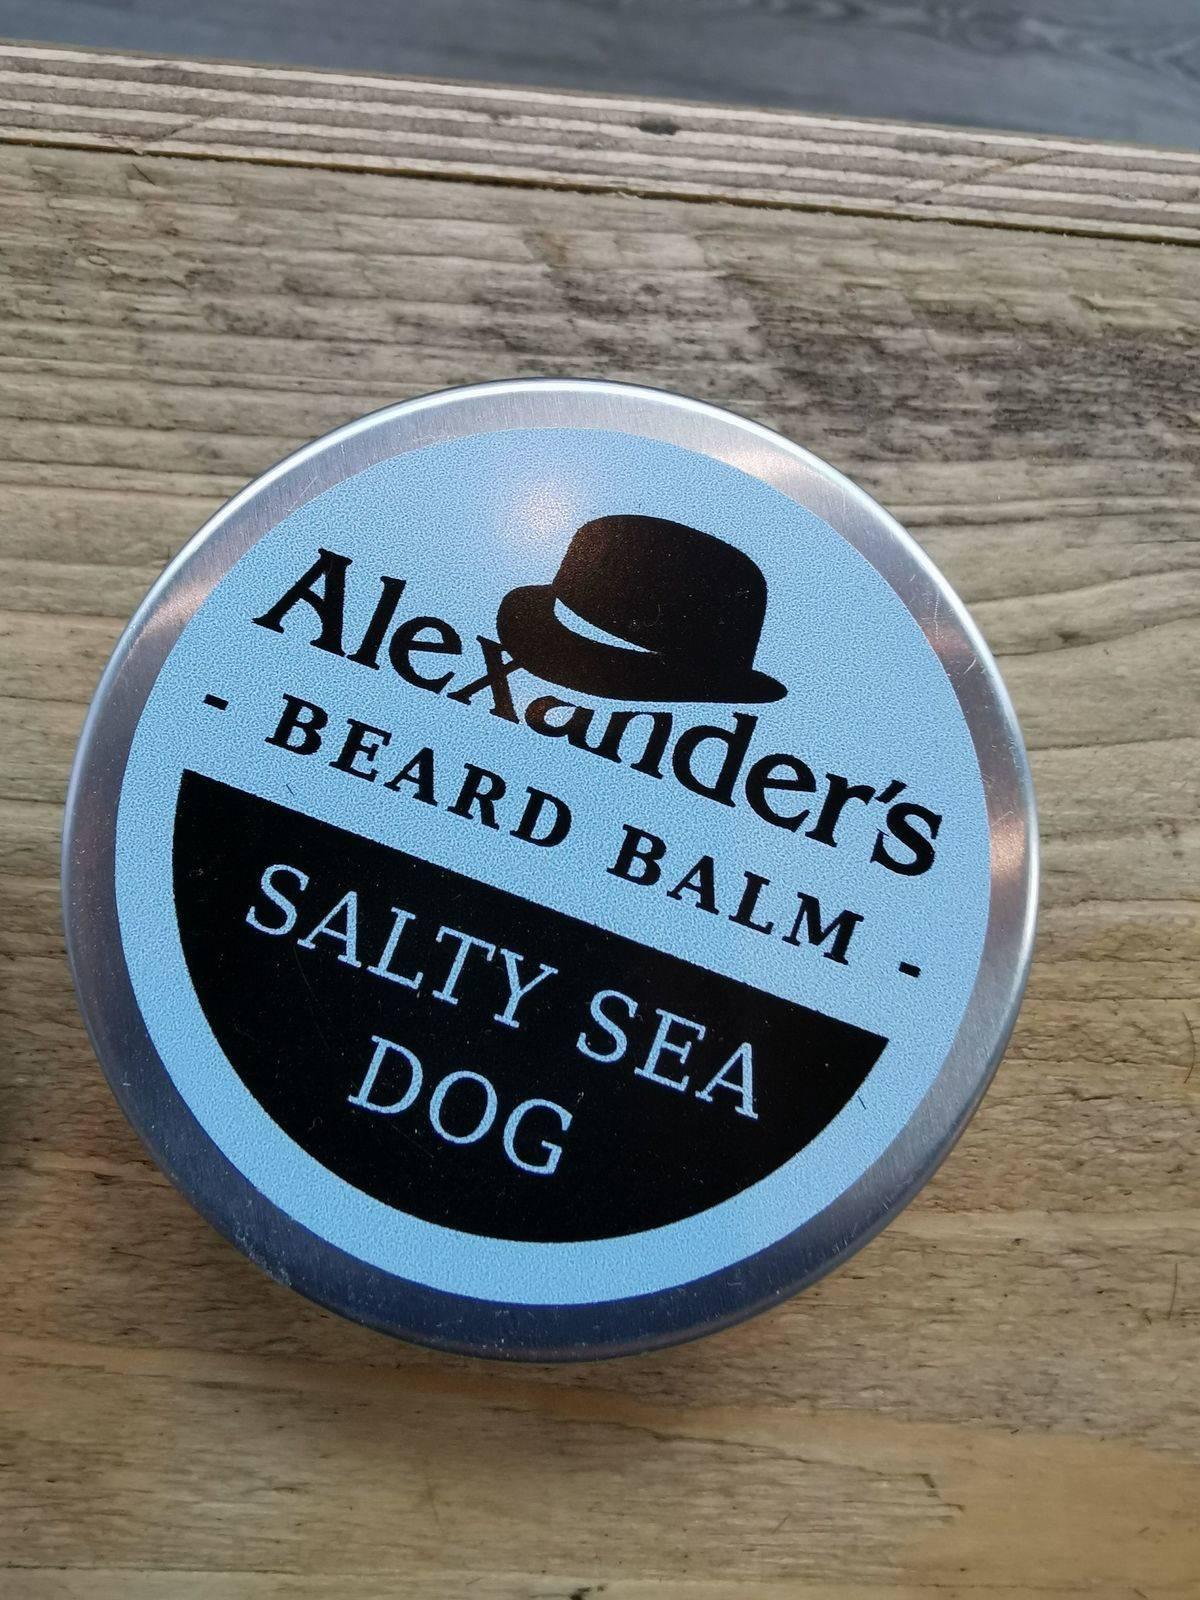 Beard Balm - Salty Sea Dog